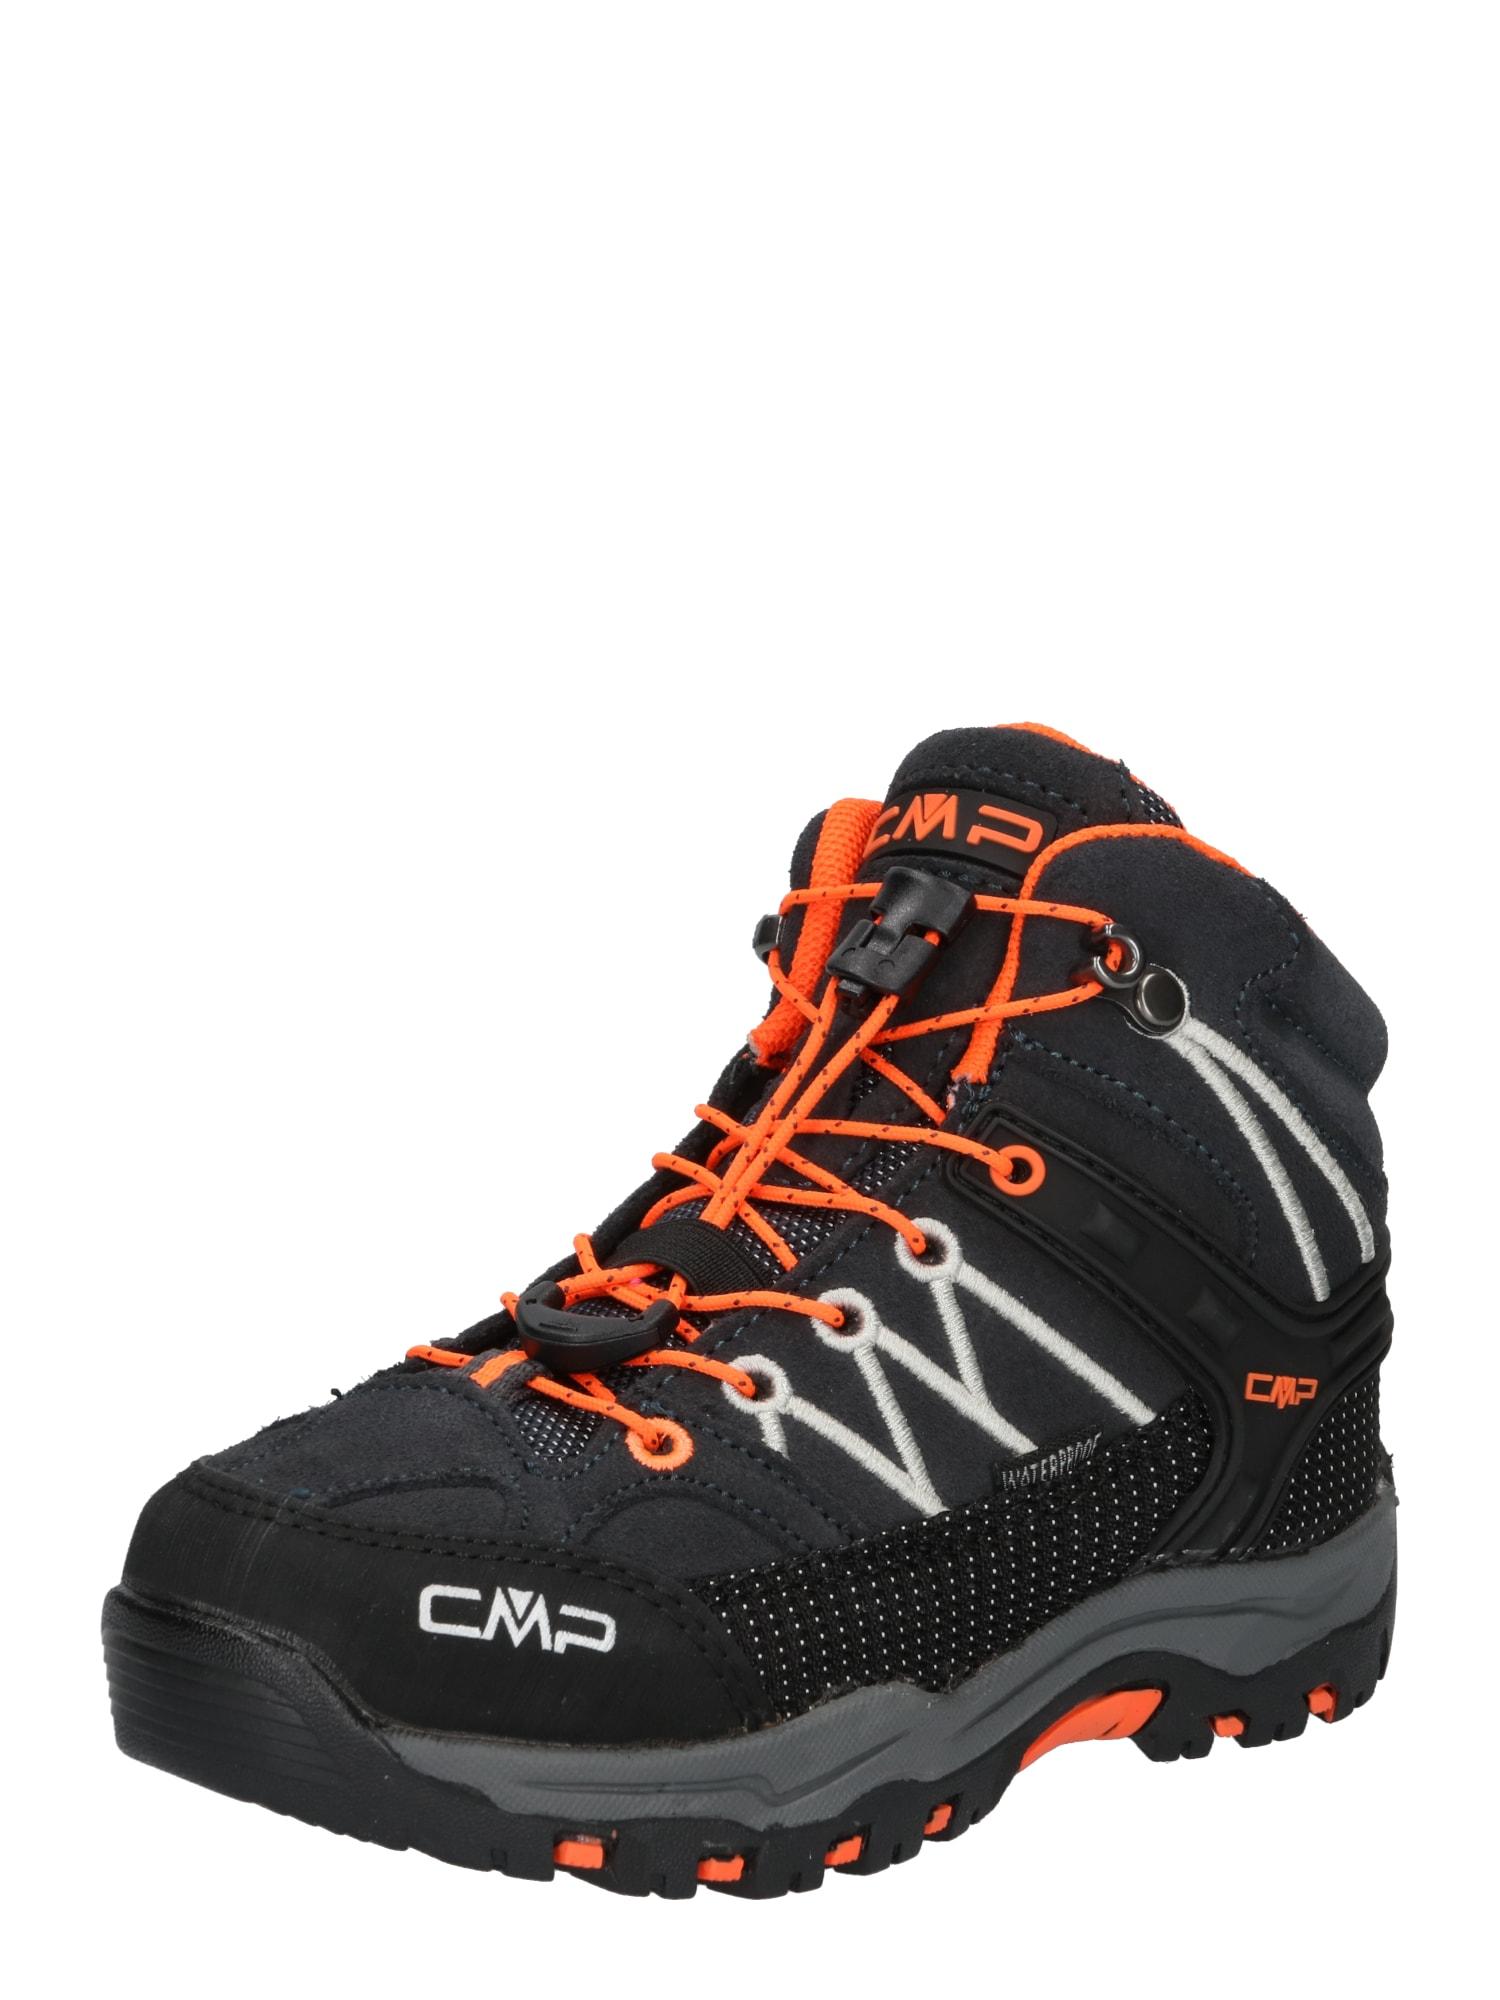 CMP Auliniai batai antracito / oranžinė